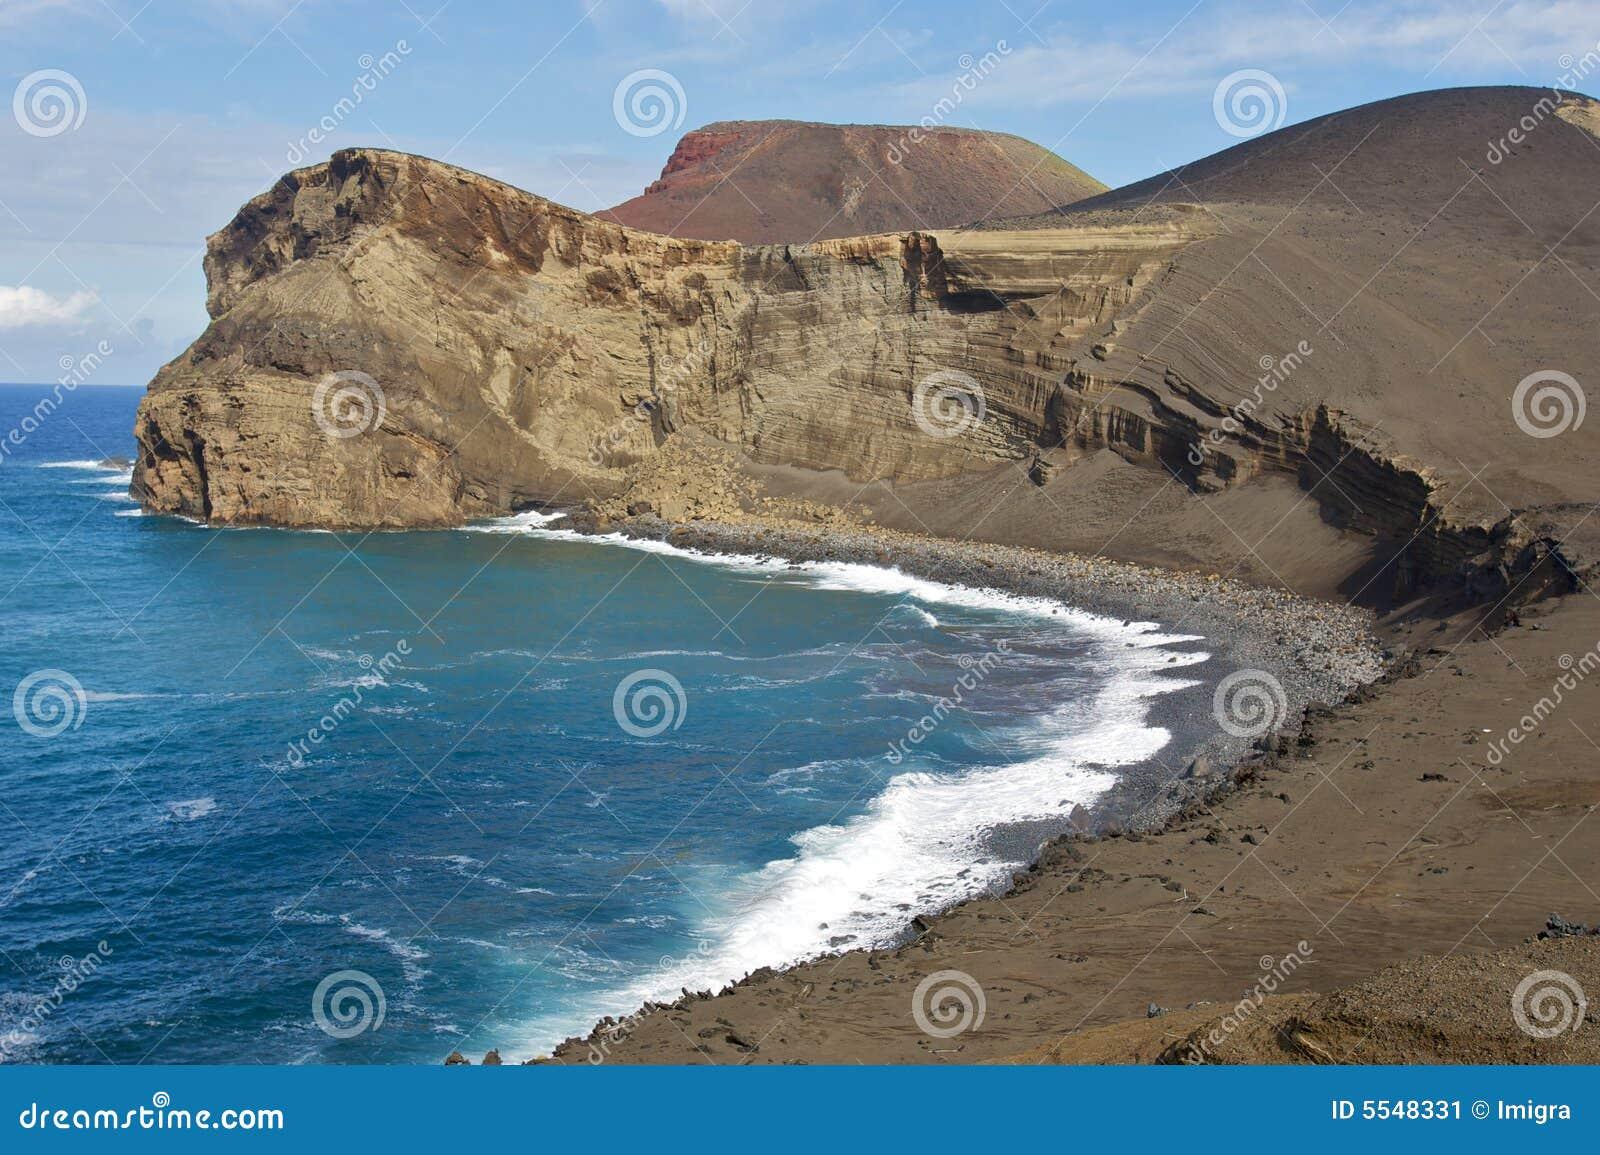 Capelinhosvulcano